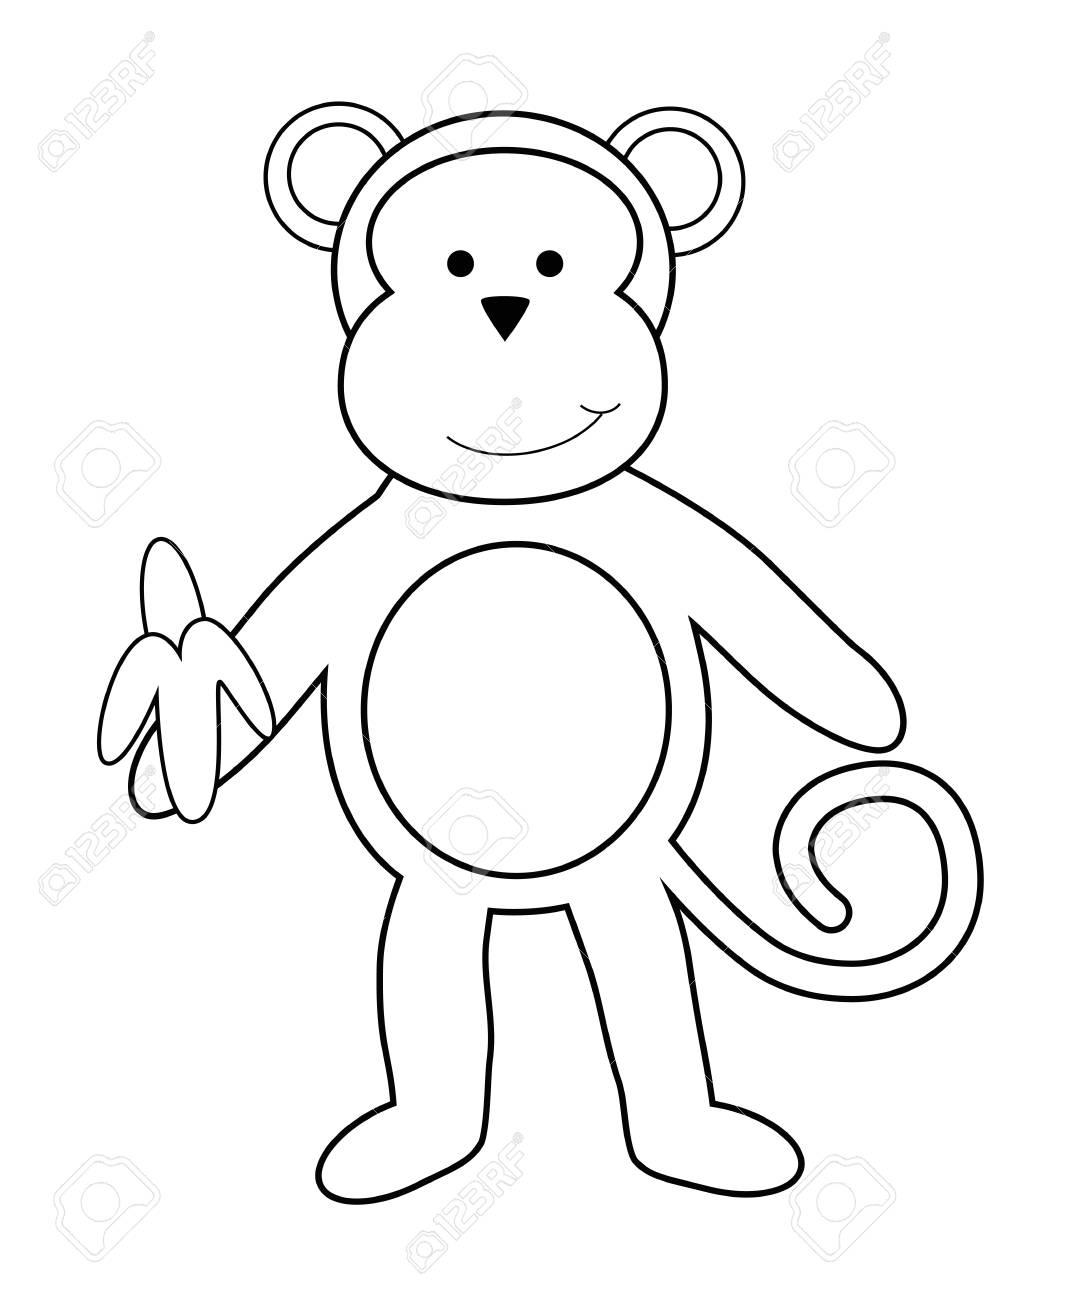 Ziemlich Teddybär Färbung Seite Fotos - Beispielzusammenfassung ...